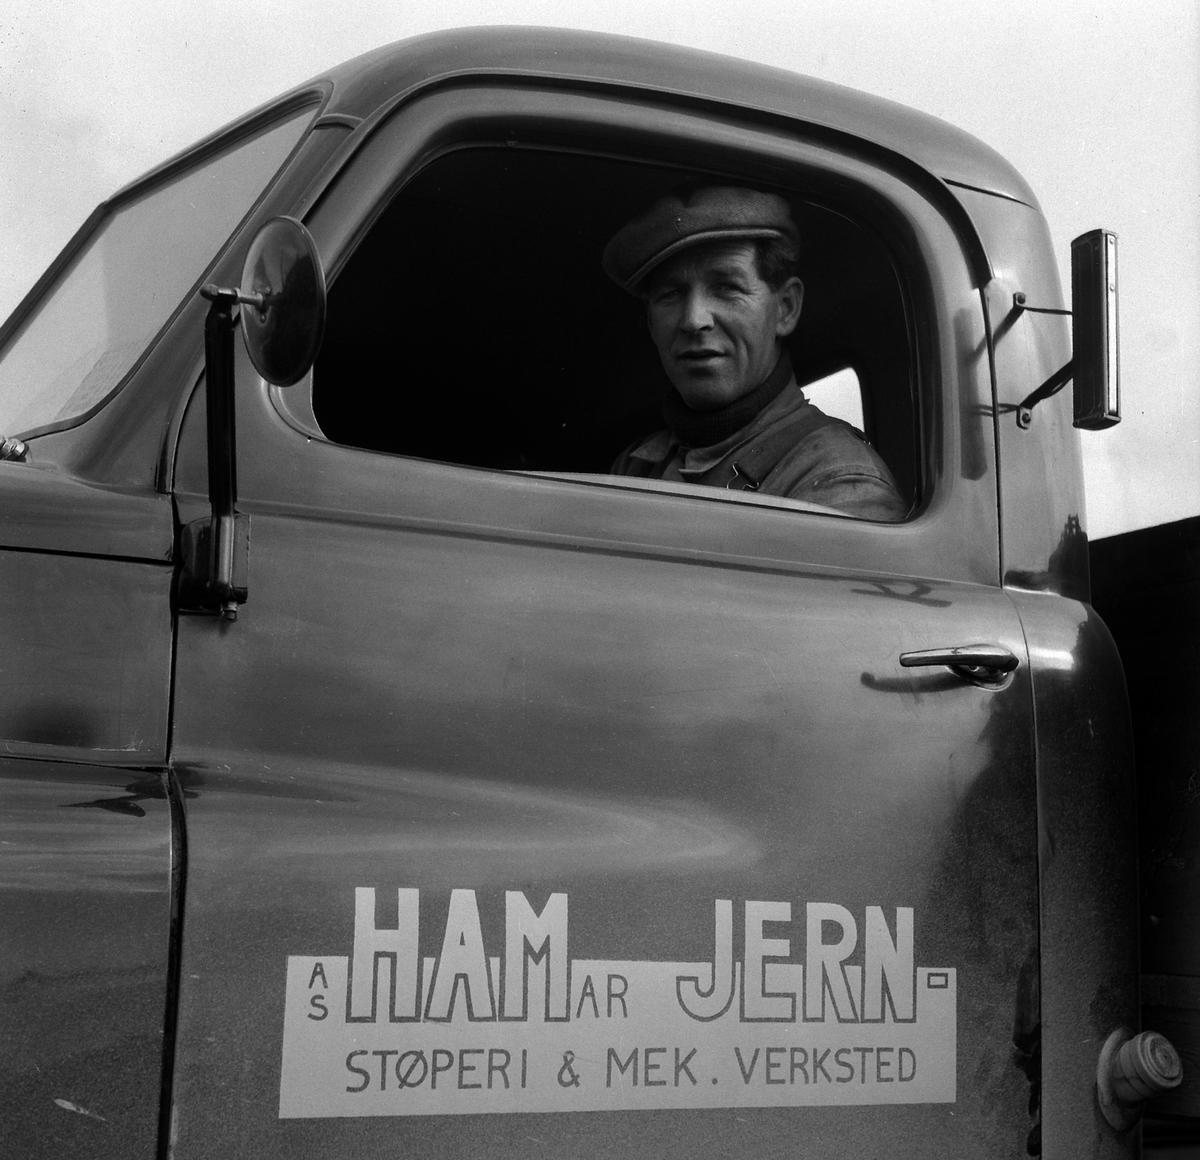 HAMAR JERNSTØPERI OG MEK. VERKSTED, HAM-JERN, PORTRETT UKJENT I LASTEBIL MED LOGO PÅ DØRA. OMSLAG TIL HAM-JERN POSTEN NR. 2, 1952.